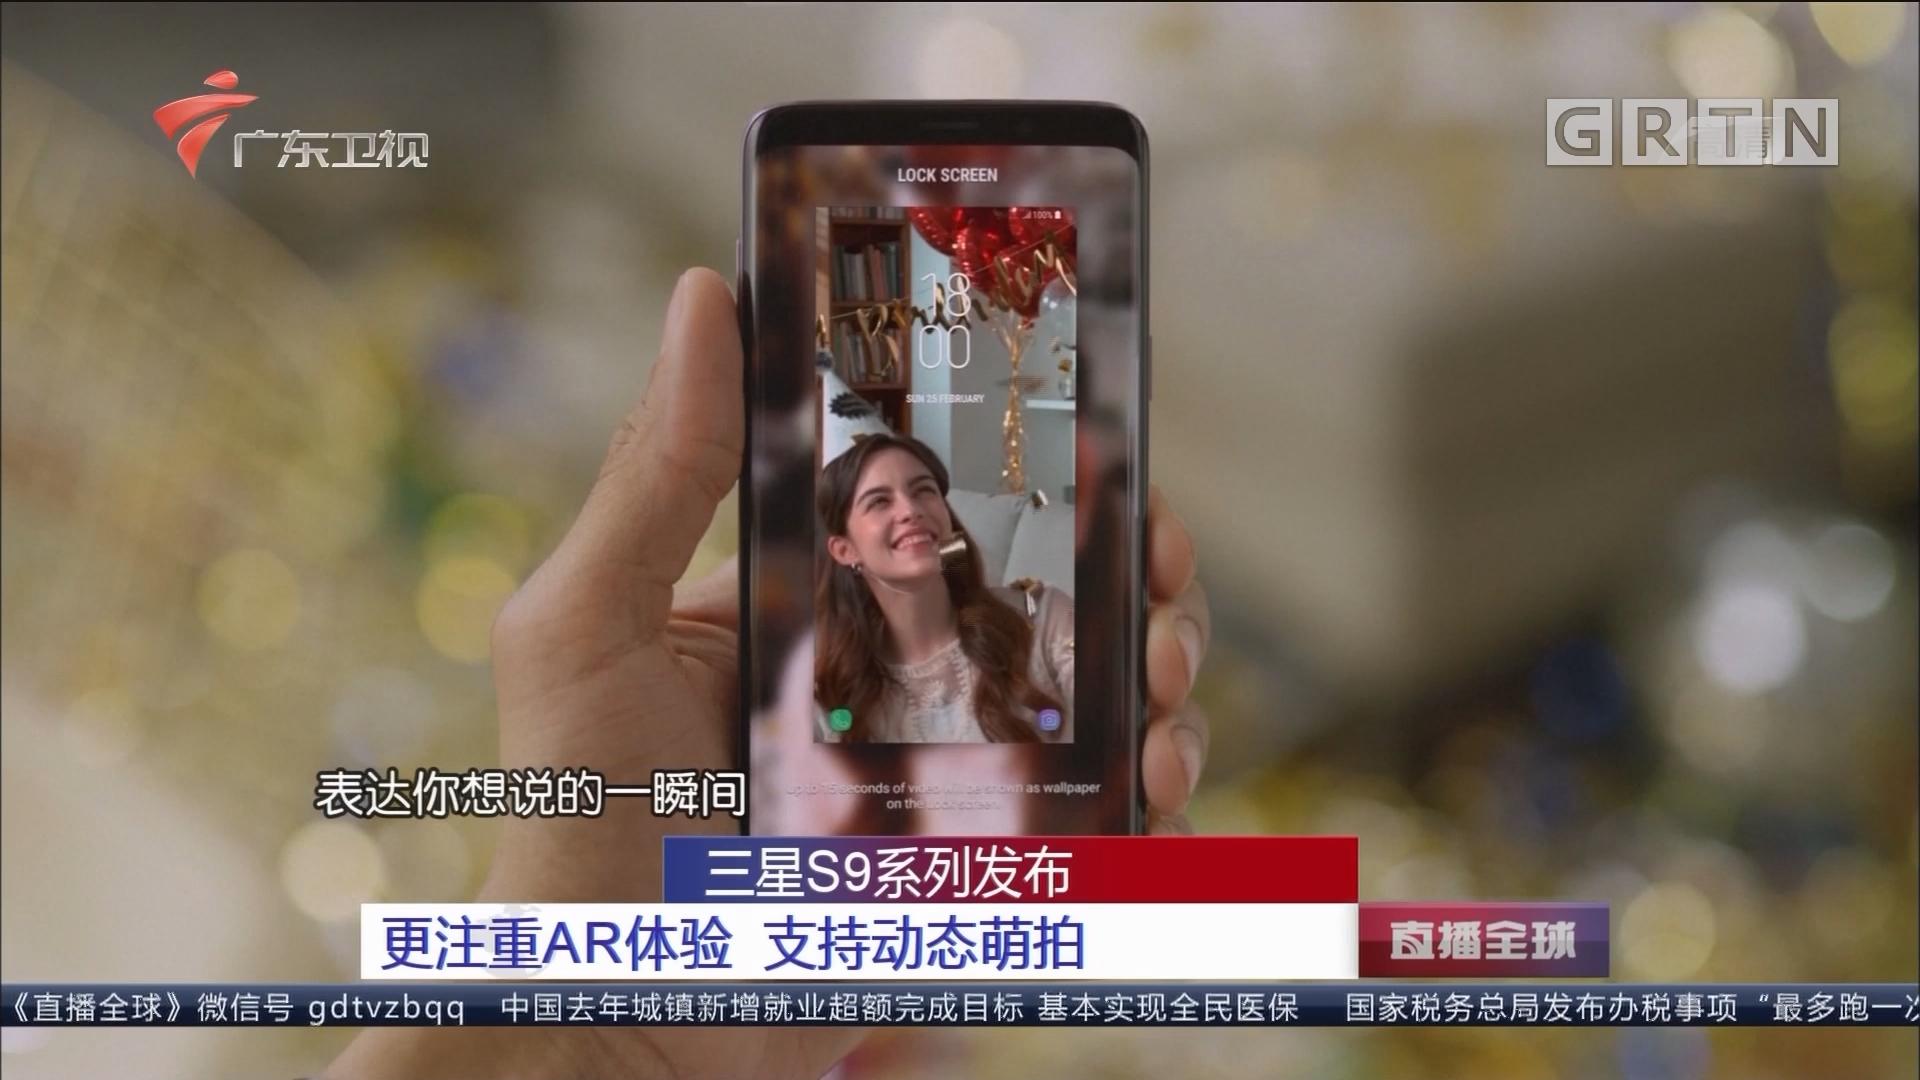 三星S9系列发布:手机拍照新高度 智能光圈重新定义